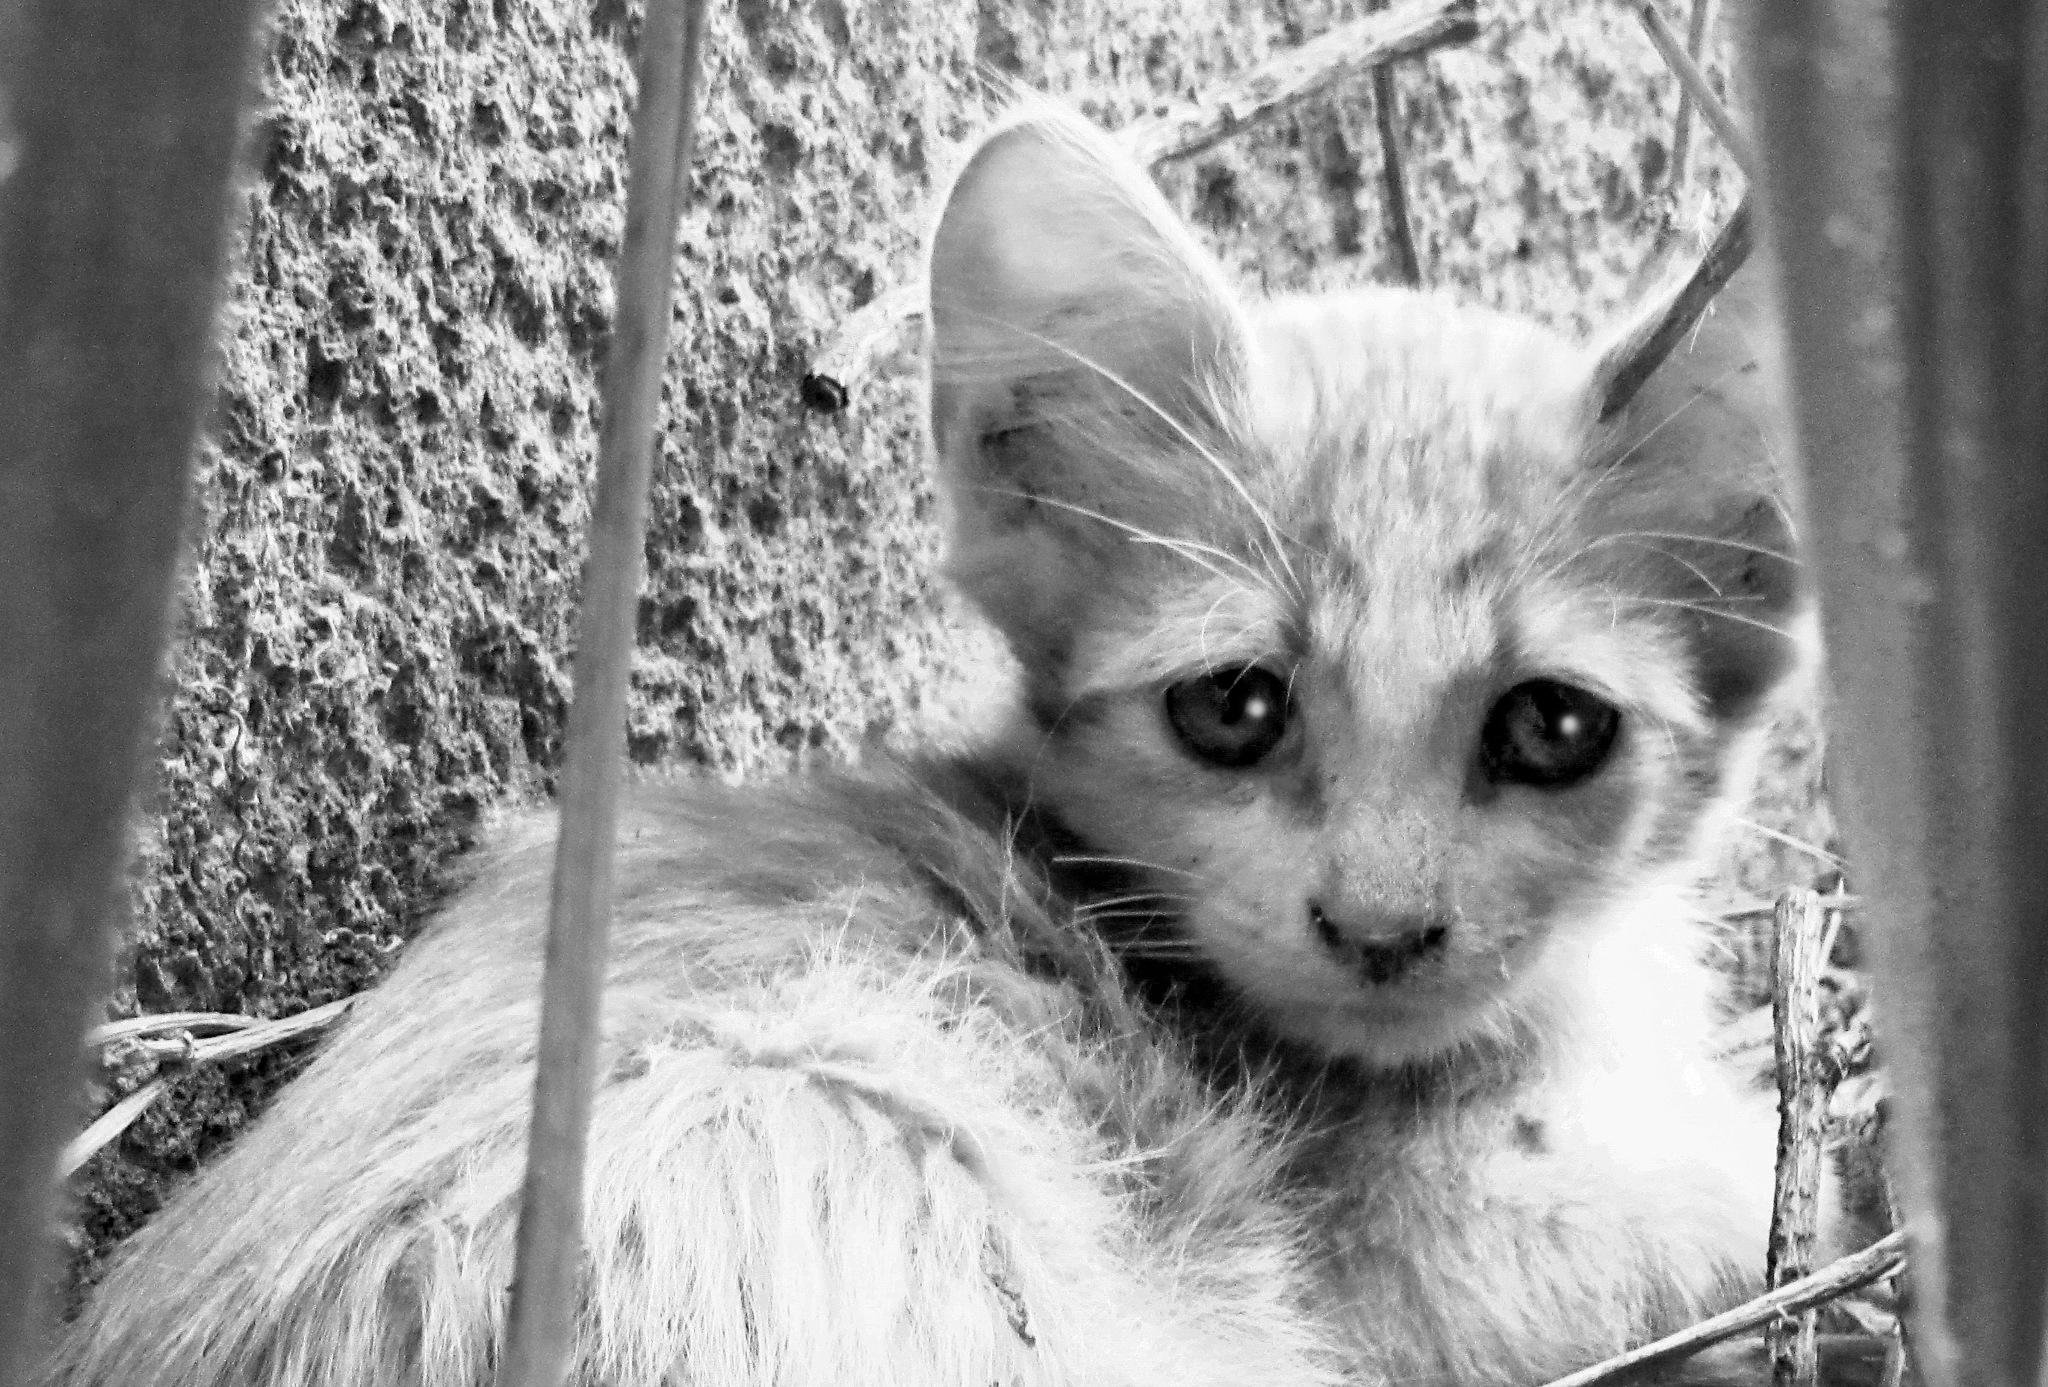 POOR BABY CAT  by Basel H Daneel